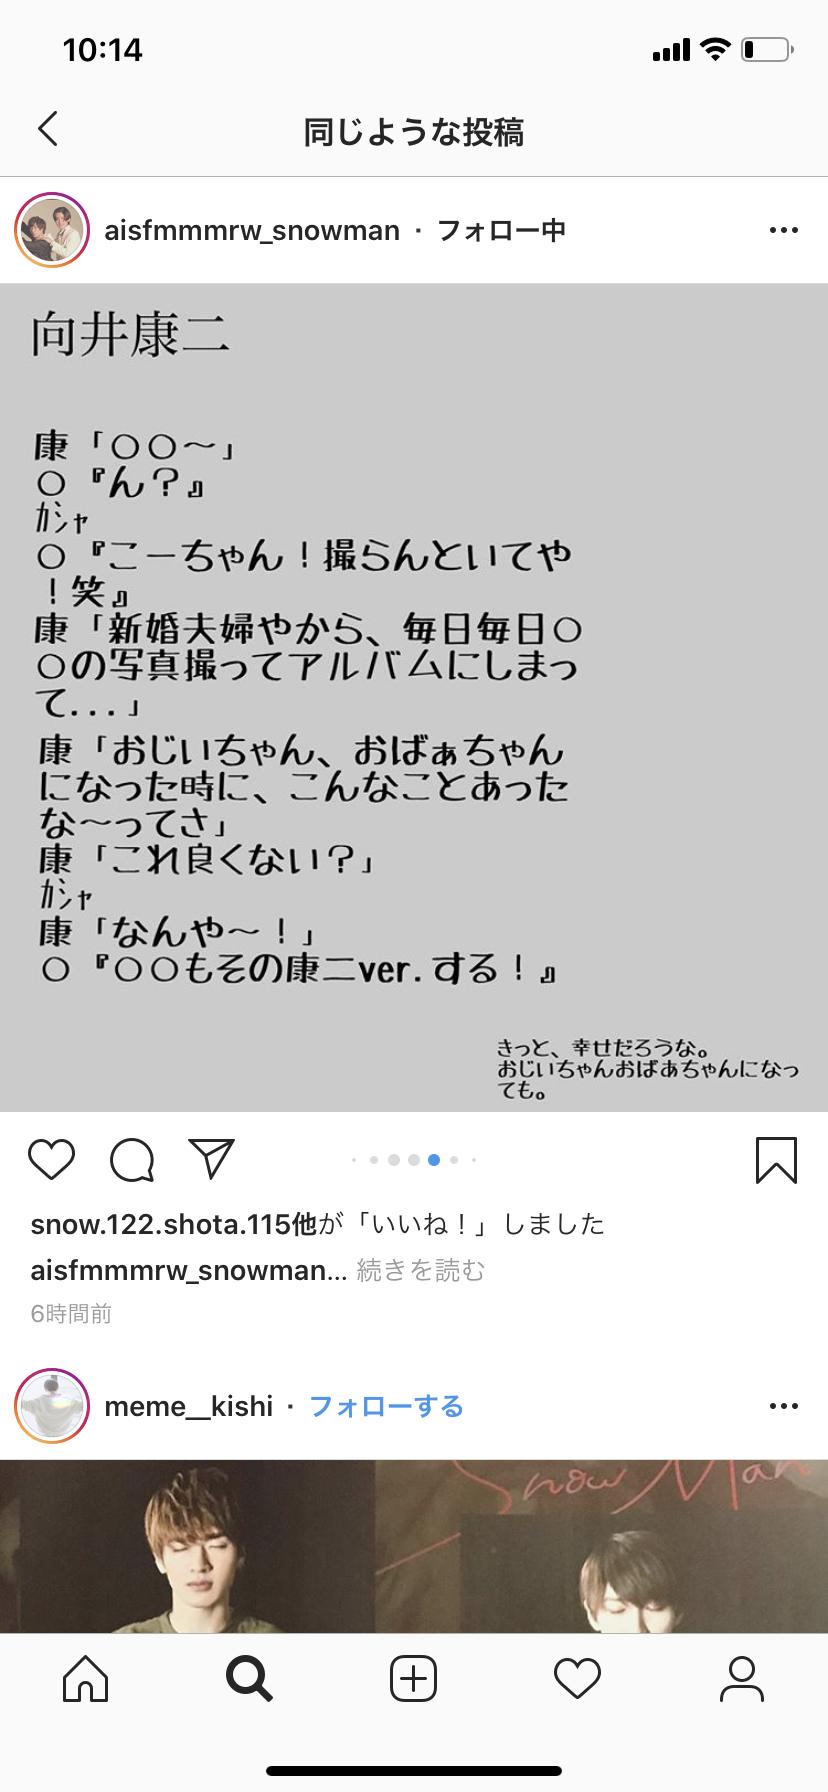 Snowman 家族 小説 雪の大家族 - 小説